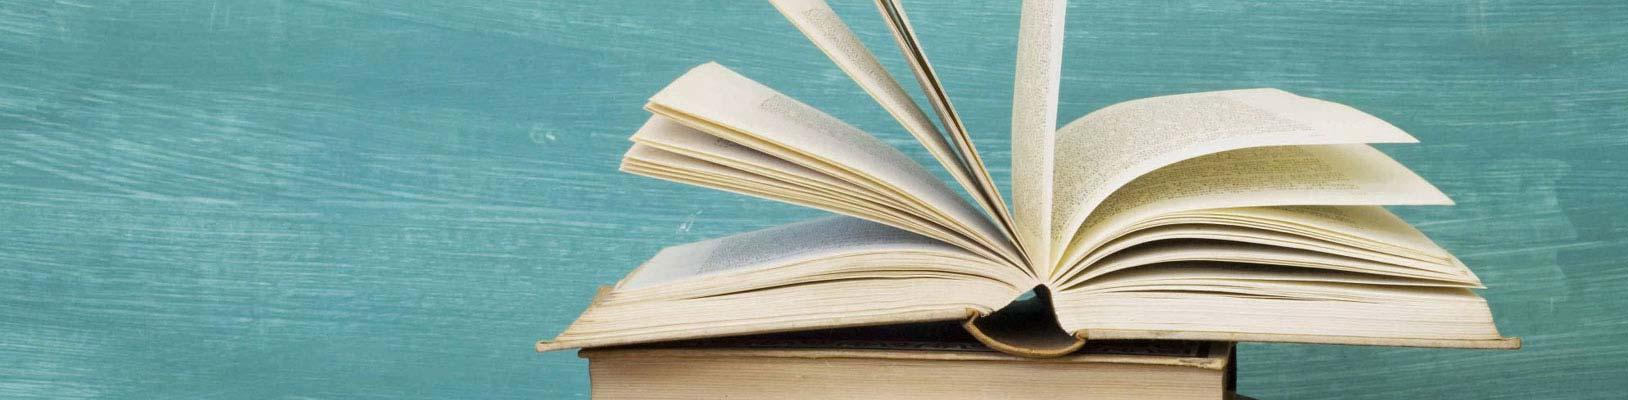 Libri, Manuali e Riviste